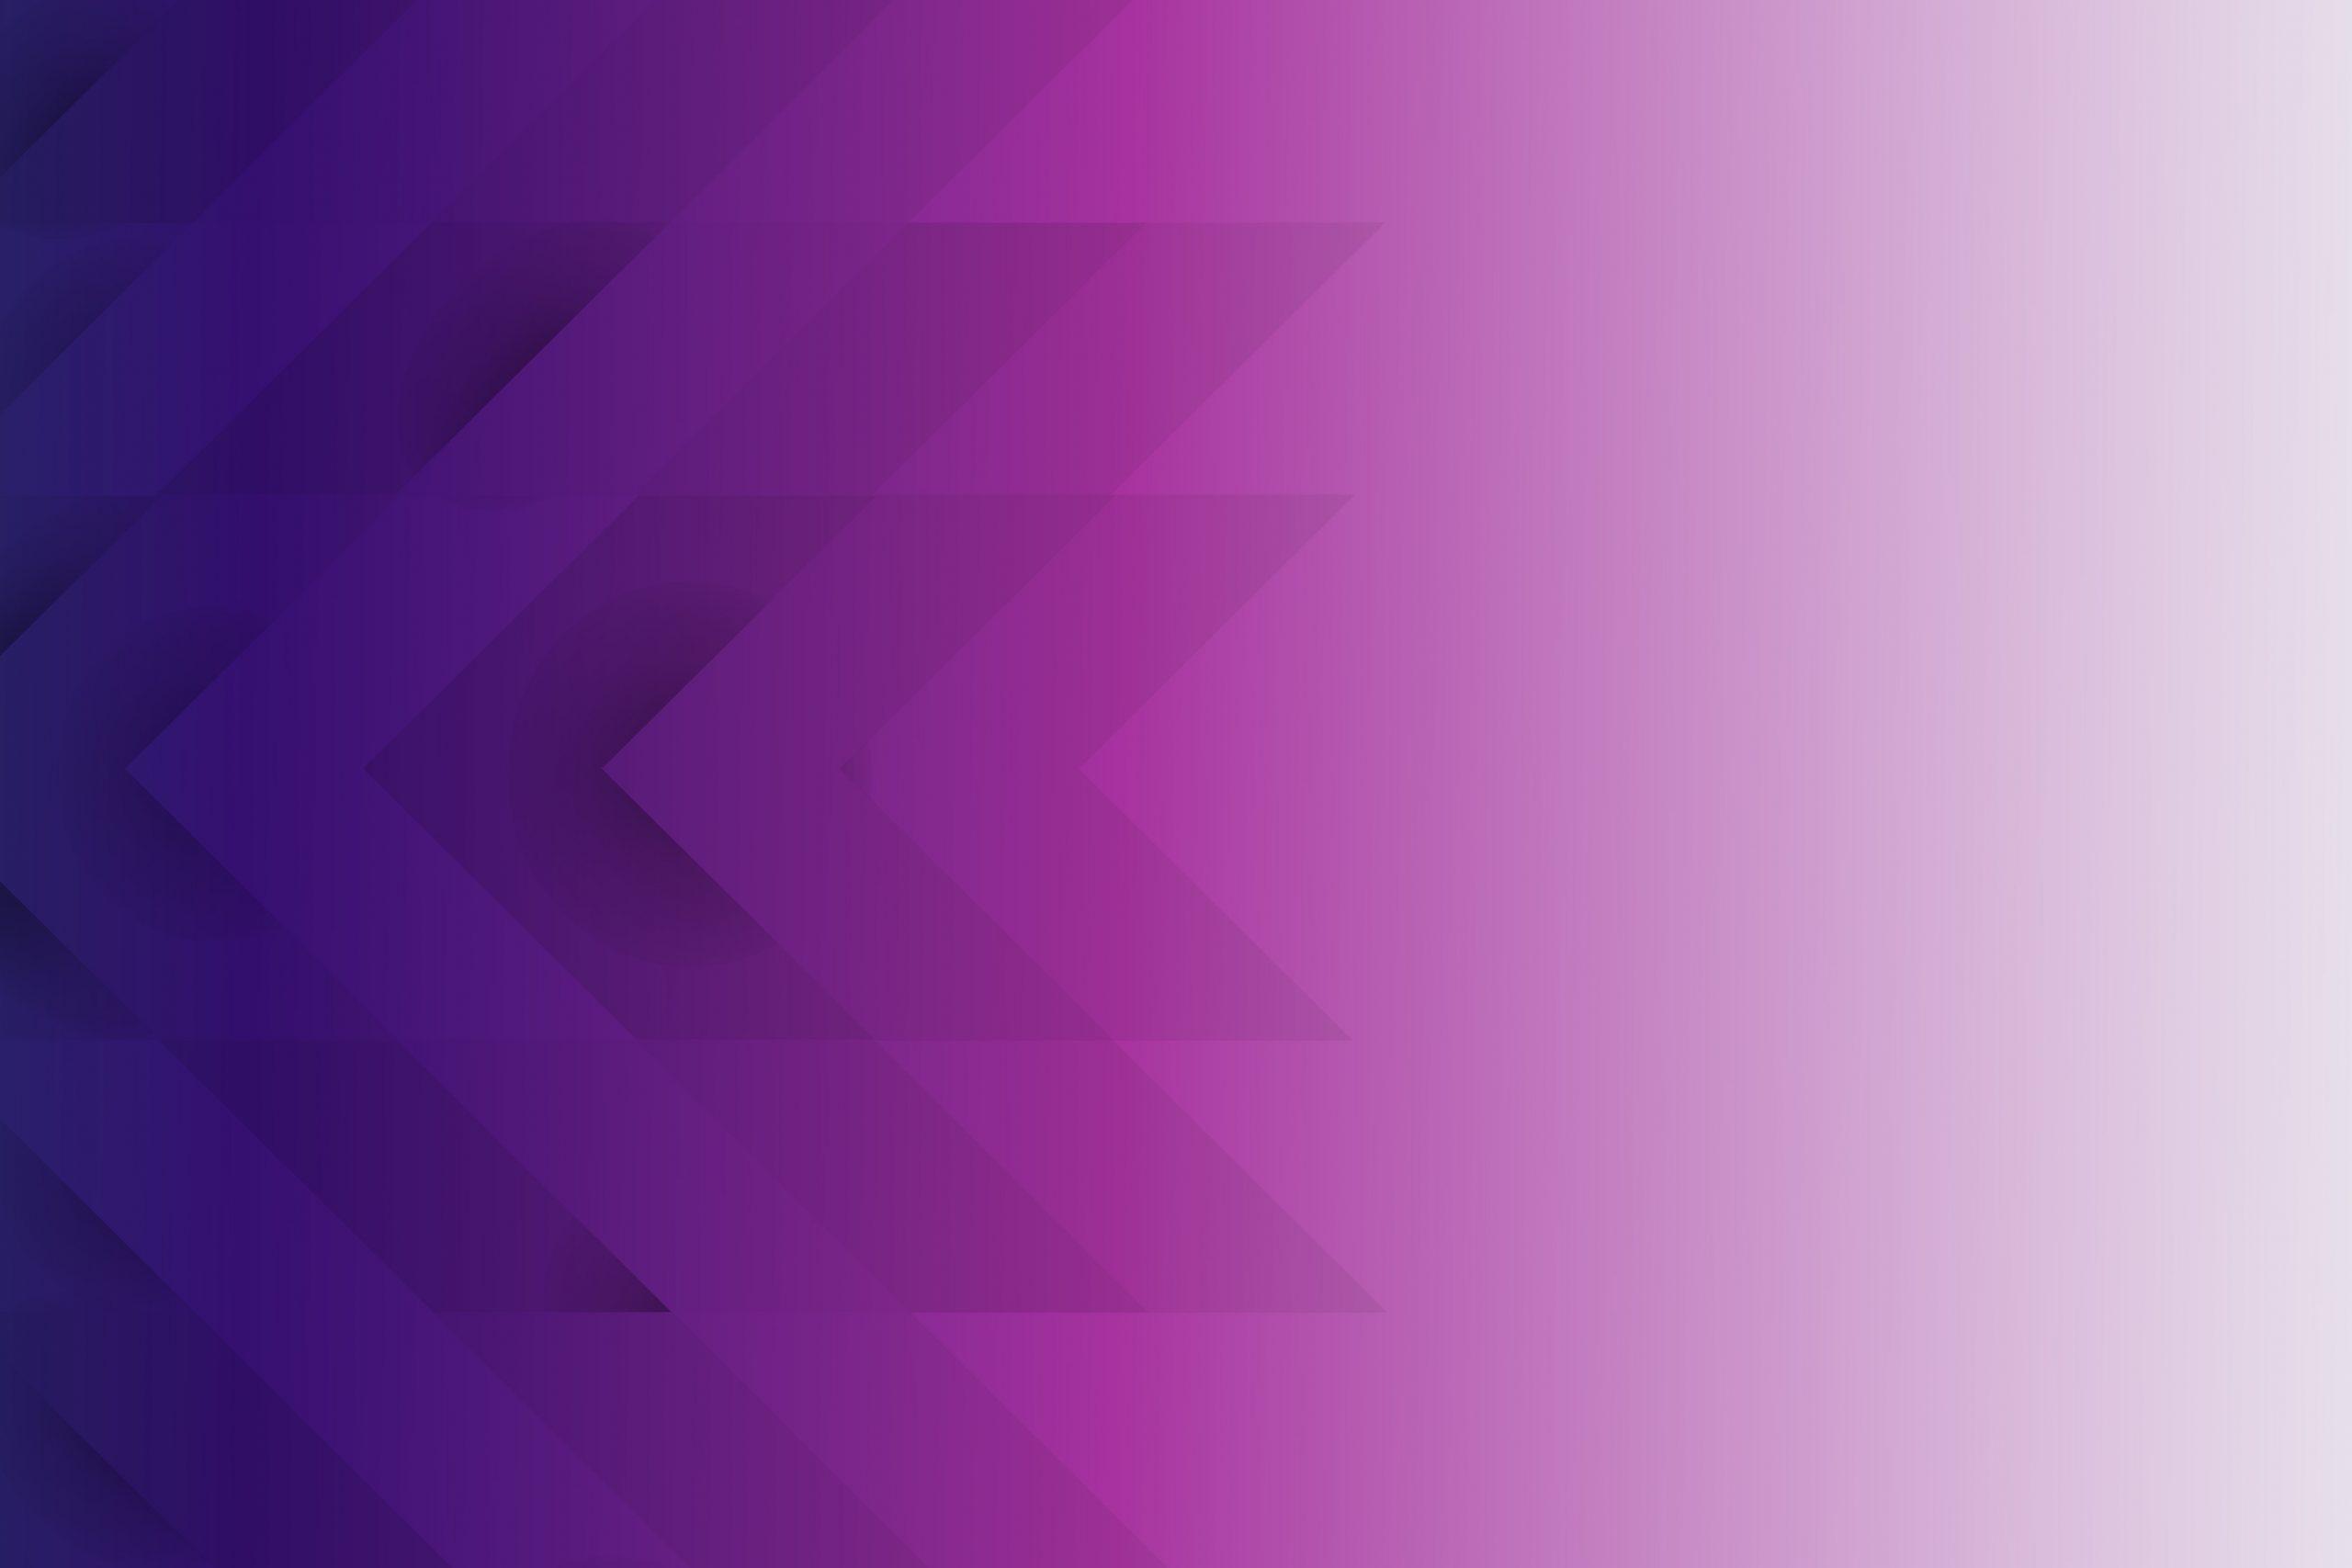 Purple modern background design vector